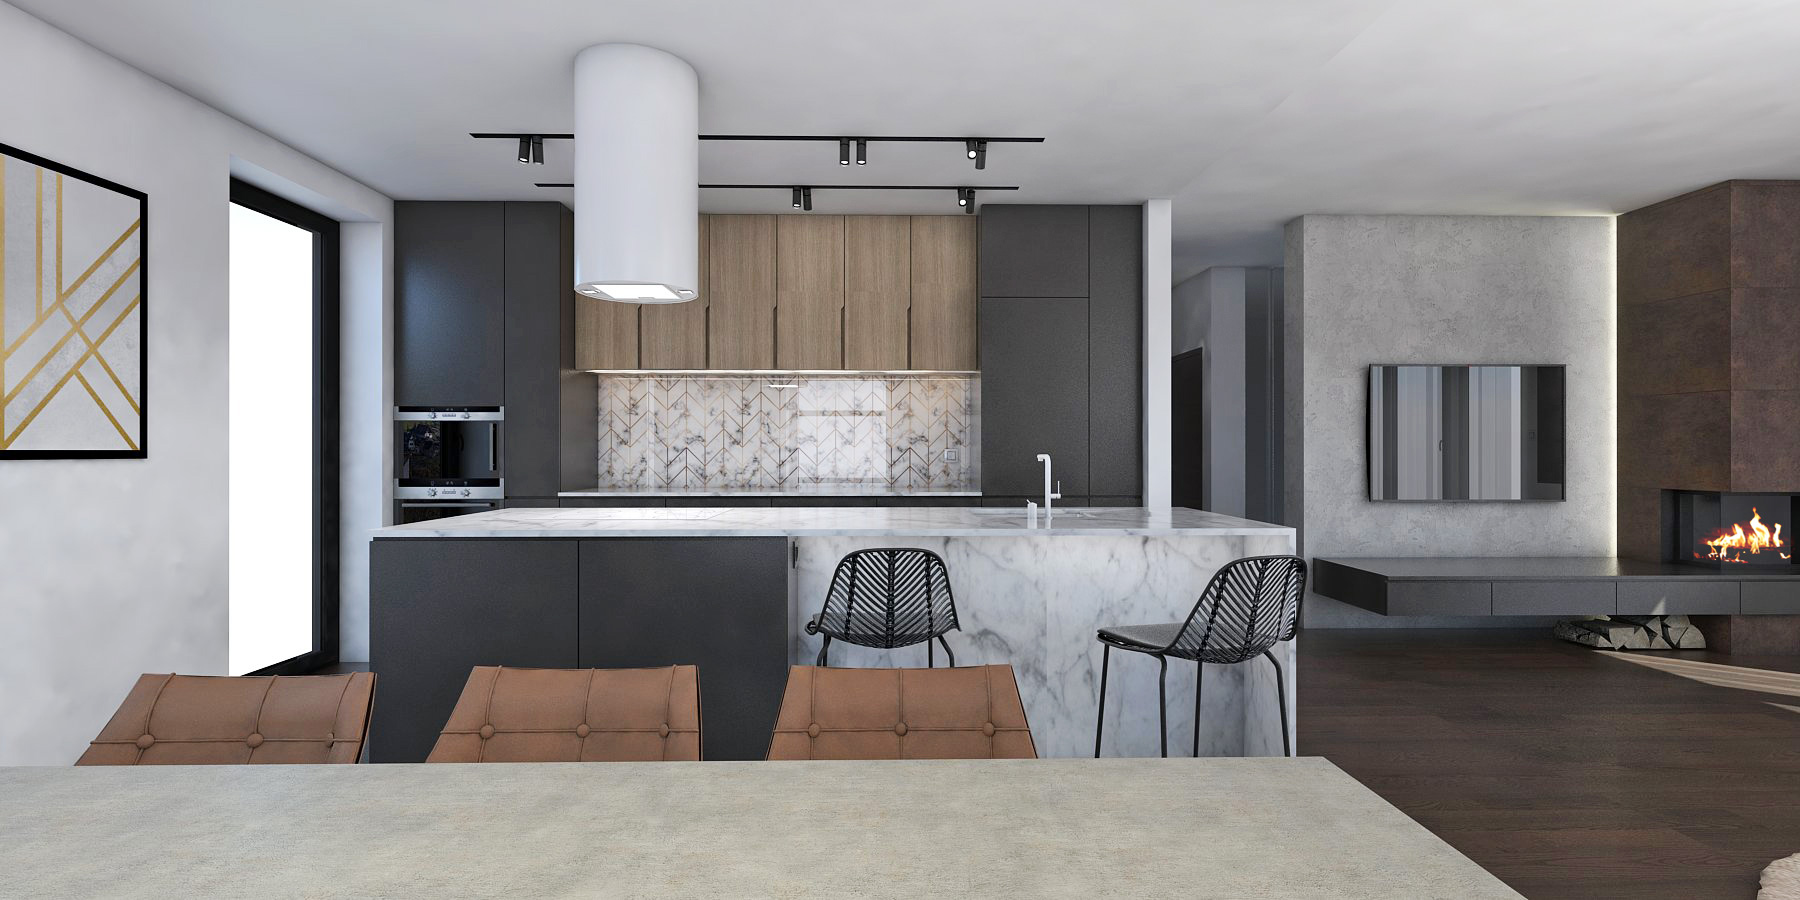 návrh interiéru domu na komplet